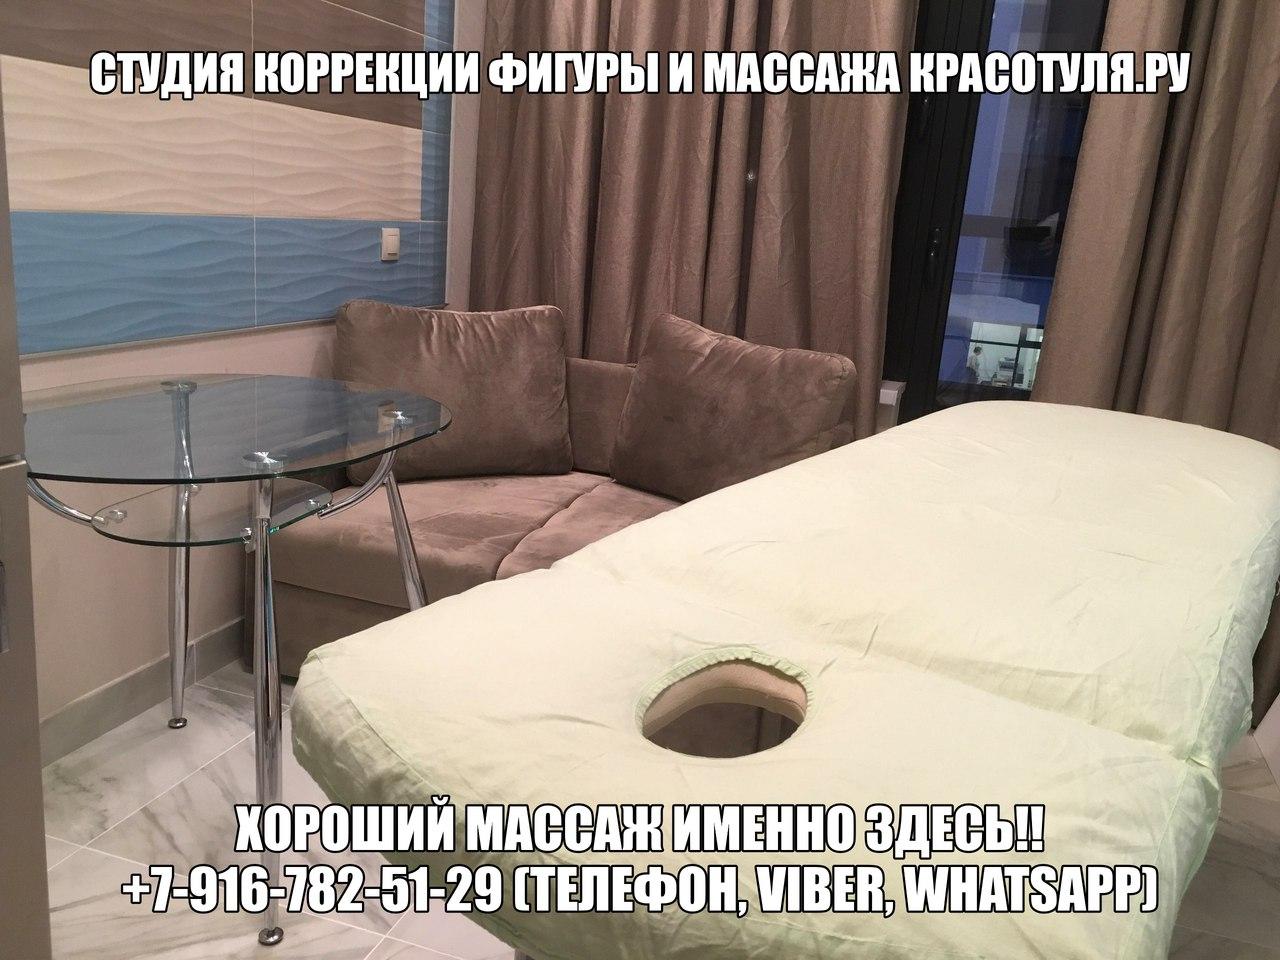 лучший массаж в Москве, объявления о массаже, массажный кабинет Москва Петербург,